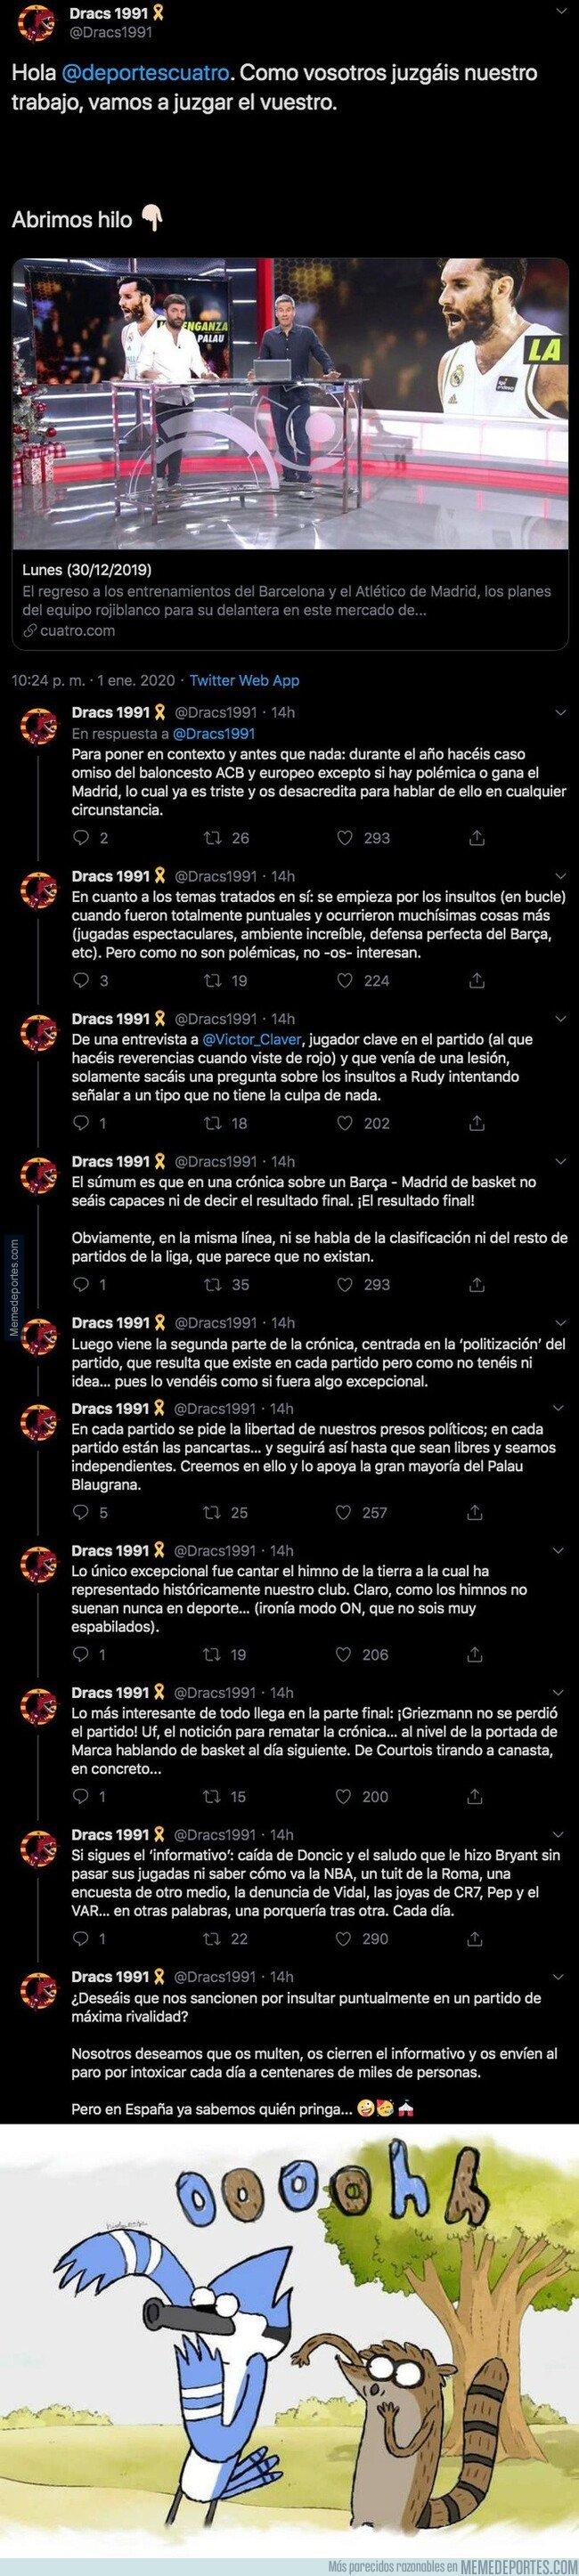 1094882 - Los aficionados del Barça de baloncesto cargan duramente contra 'Deportes Cuatro' por manipular de esta forma sobre ellos tras El Clásico